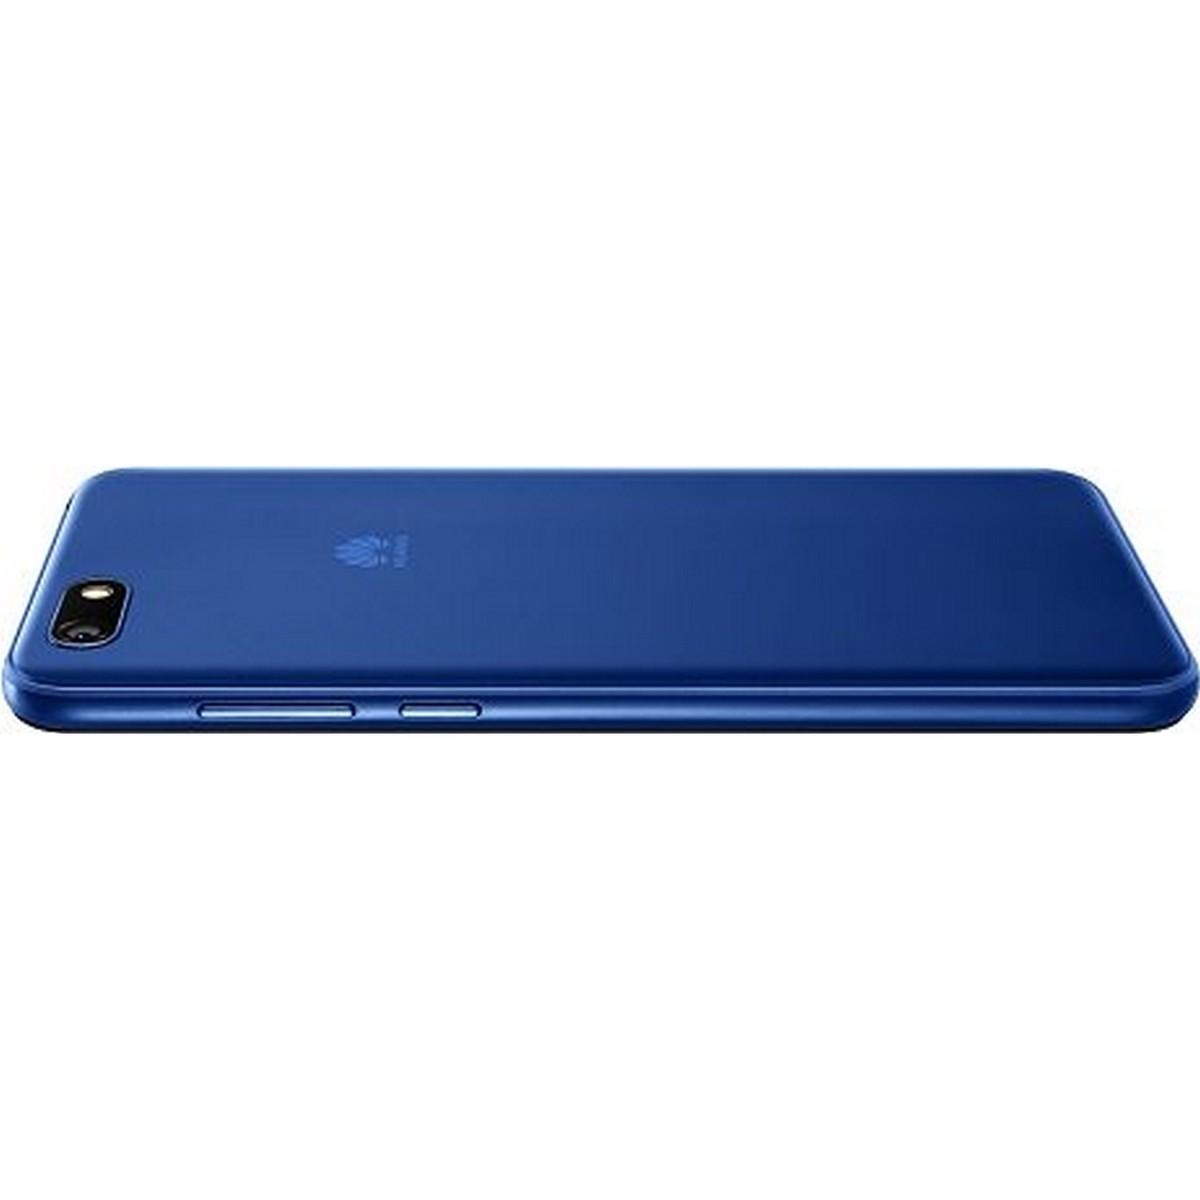 Buy Huawei Y5-Prime 2018 16GB Black - Smart Phones - Lulu